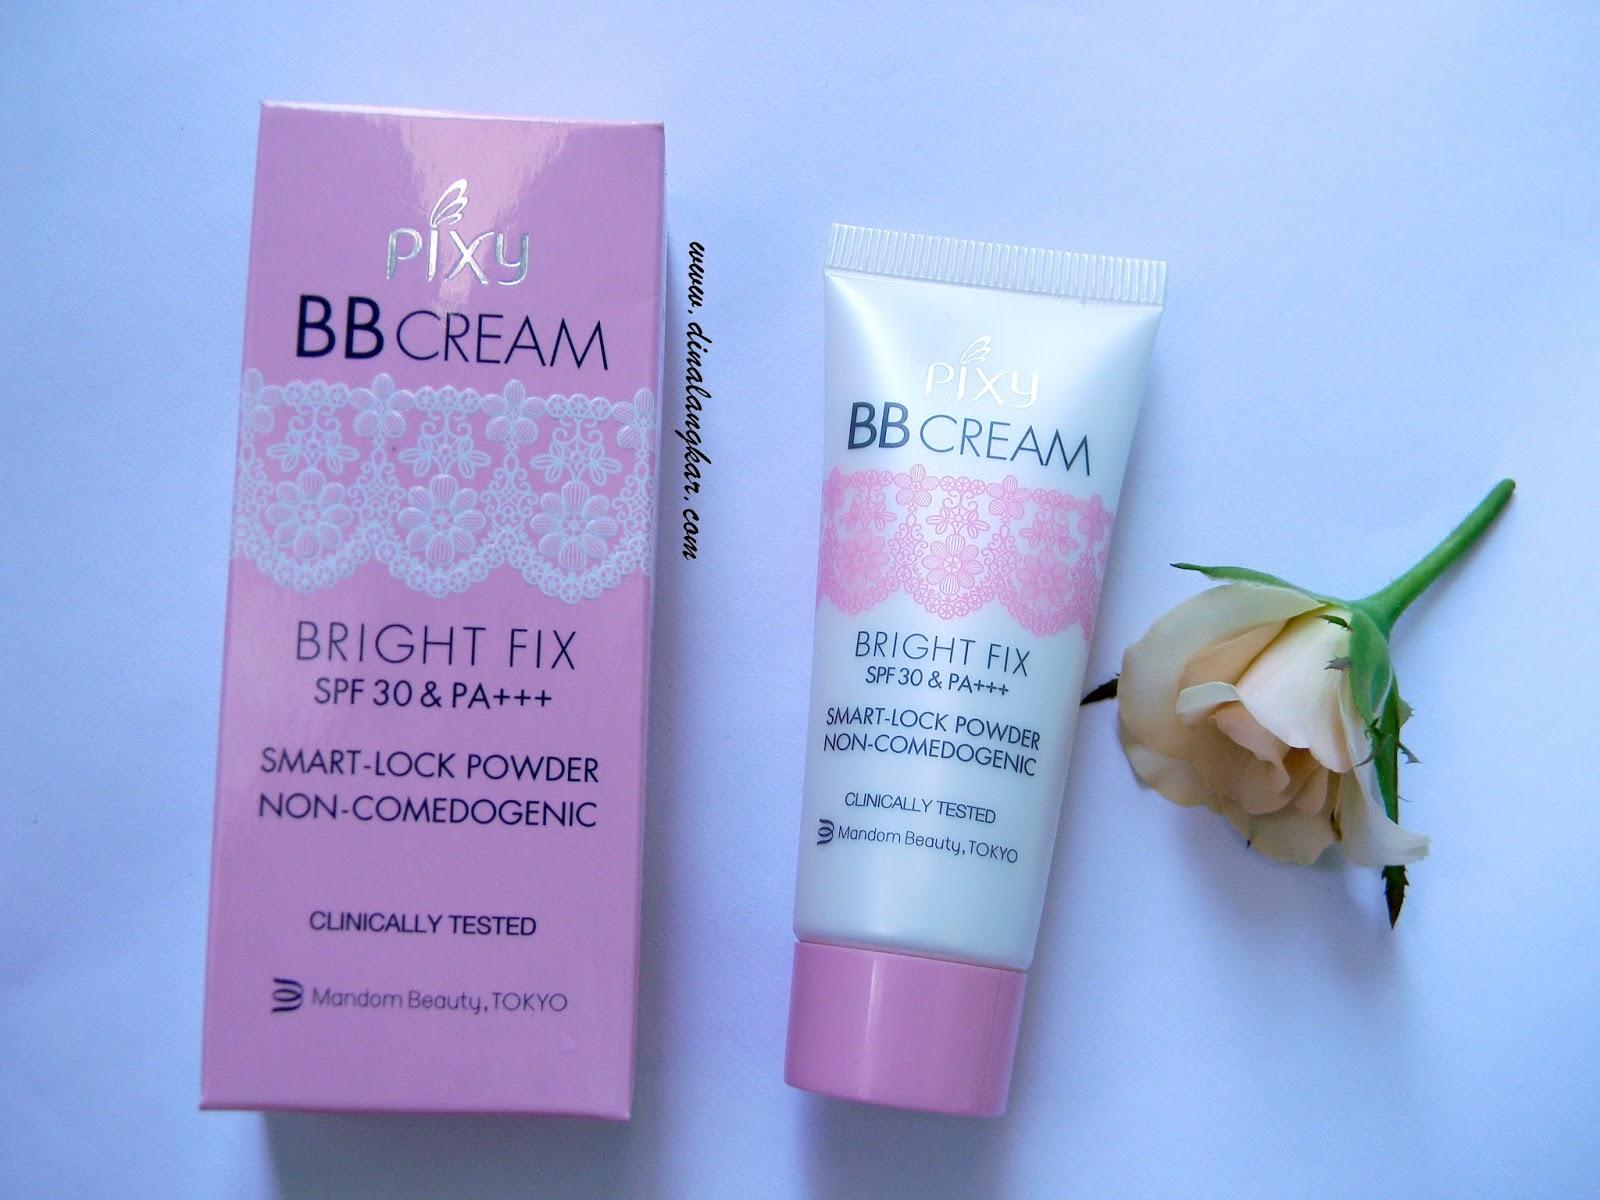 BB Cream Pixy Bright Fix Review